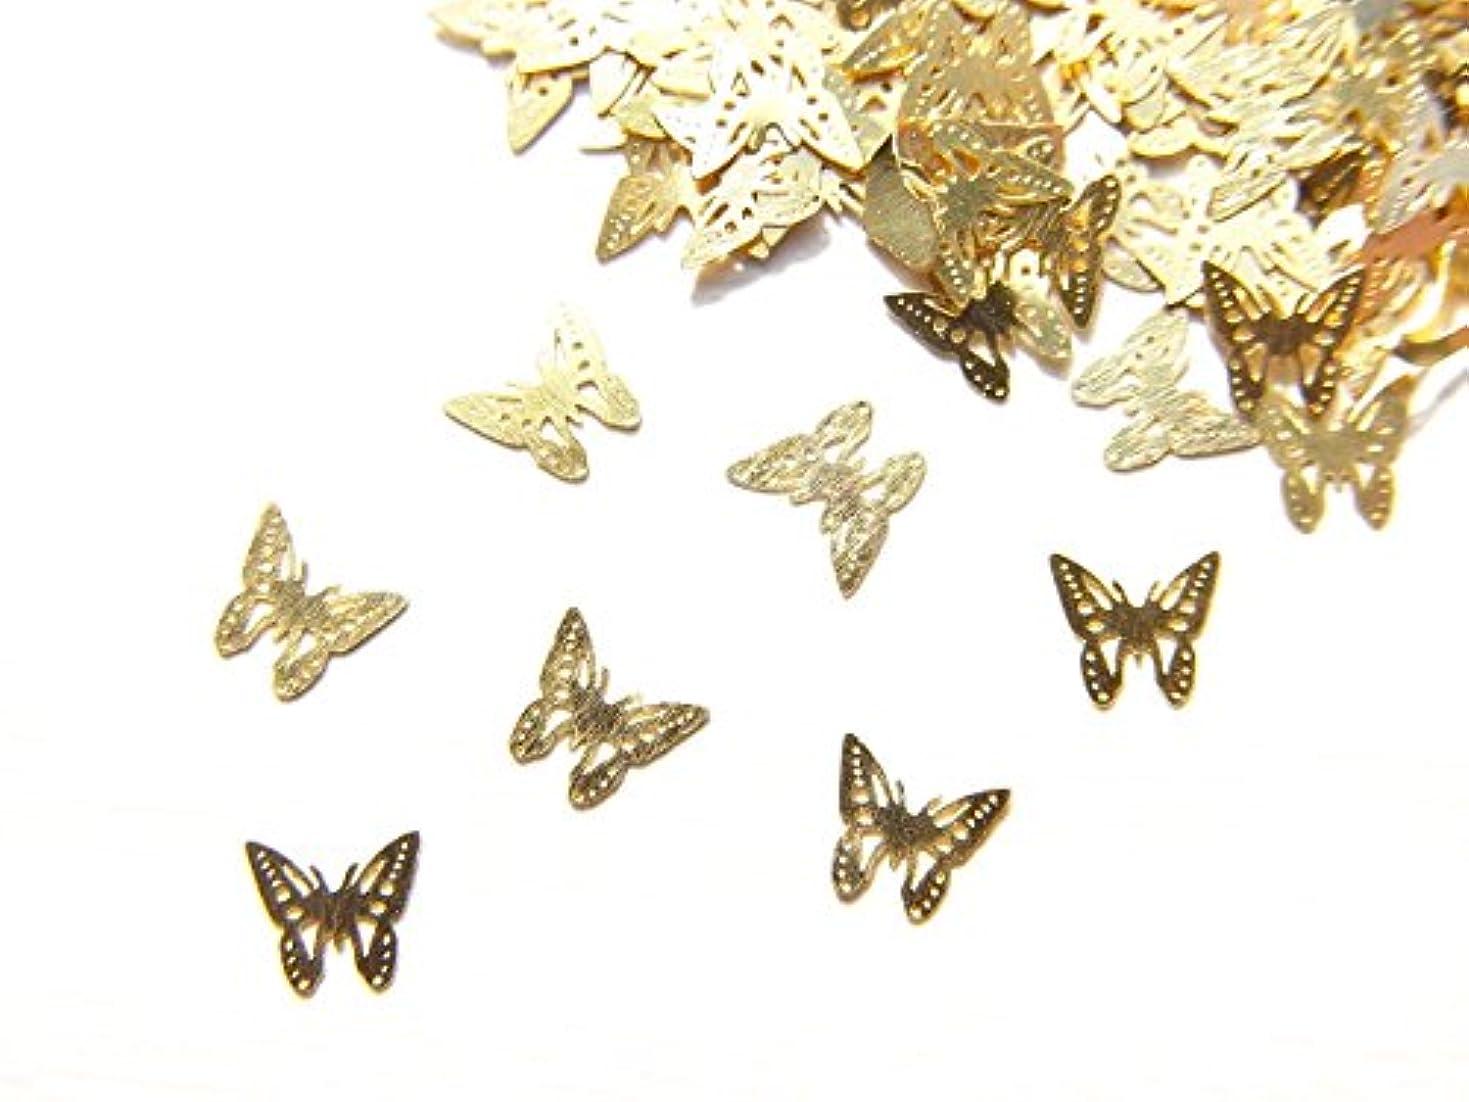 結晶記憶周り【jewel】ug24 薄型ゴールド メタルパーツ Sサイズ バタフライ 蝶 A 10個入り ネイルアートパーツ レジンパーツ